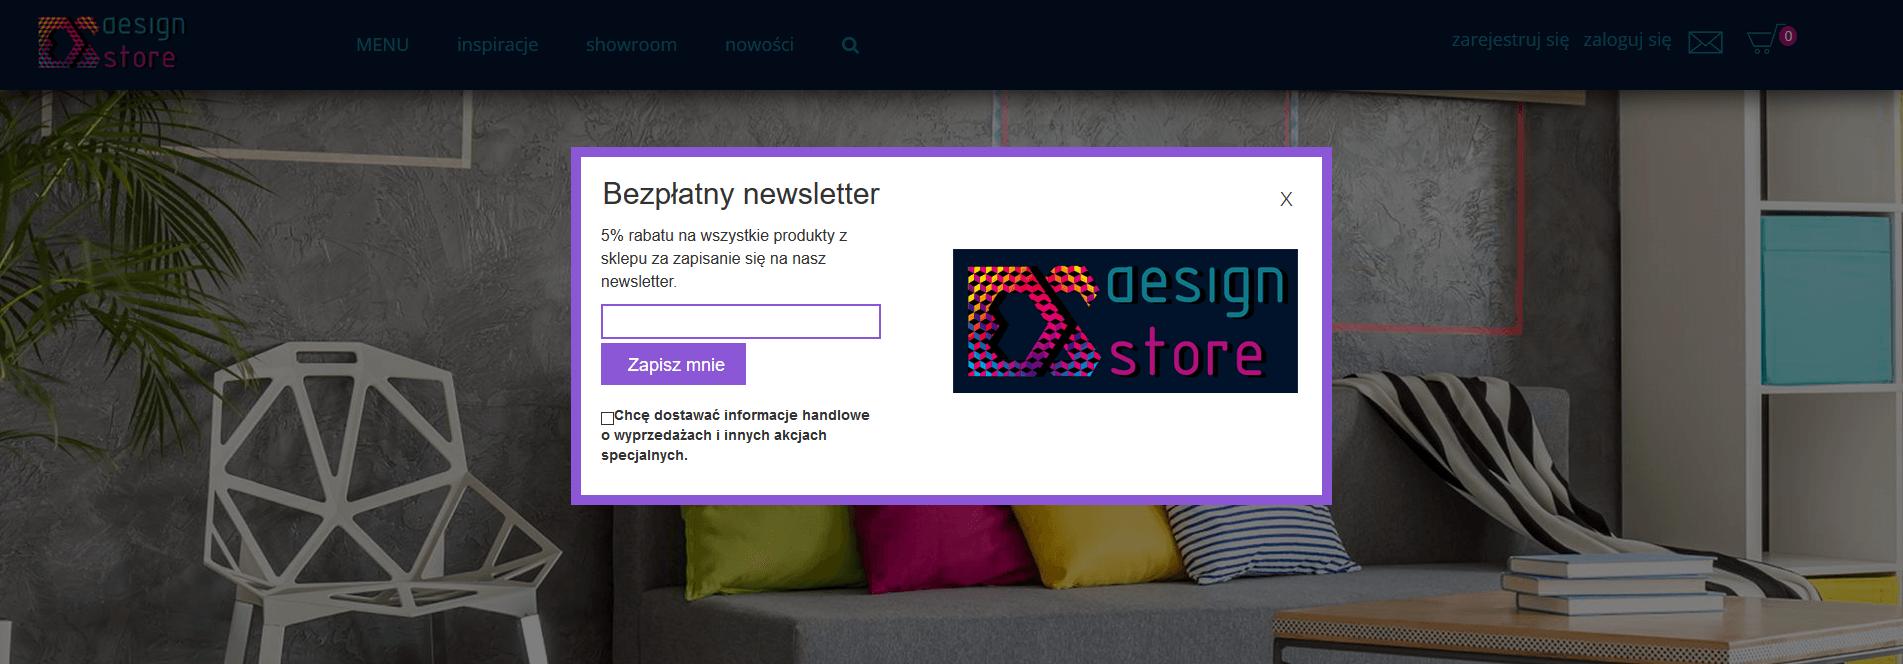 Projekt popup Design Store